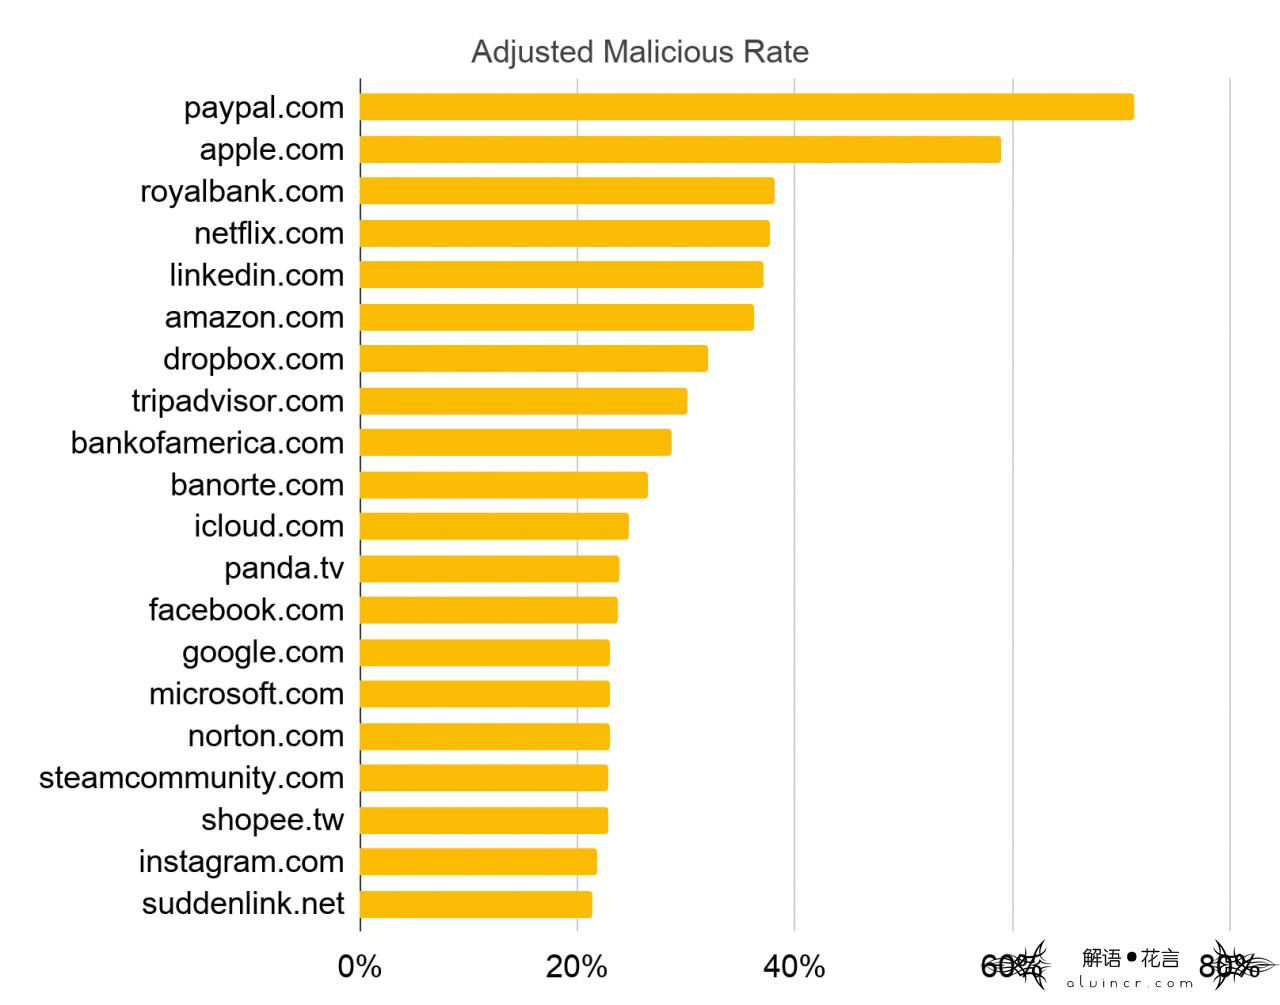 """此图使用""""调整的恶意率""""度量标准来排名前20位最常滥用的域名,以确定哪些域名是抢注行为的首选目标。"""